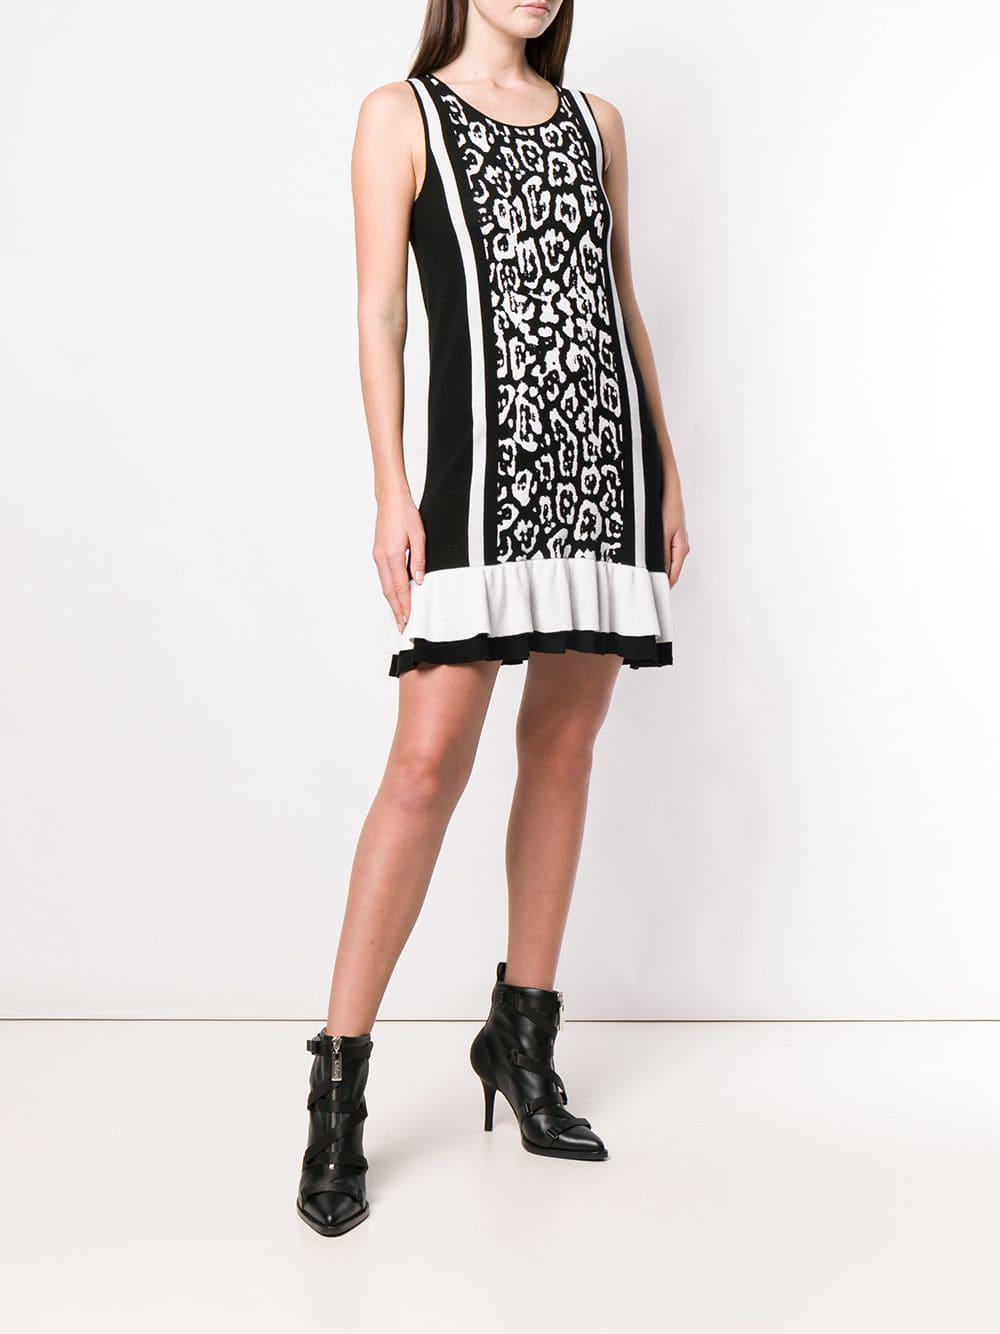 5ddbdcffb9 Just Cavalli - Black Leopard Print Mini Dress - Lyst. View fullscreen